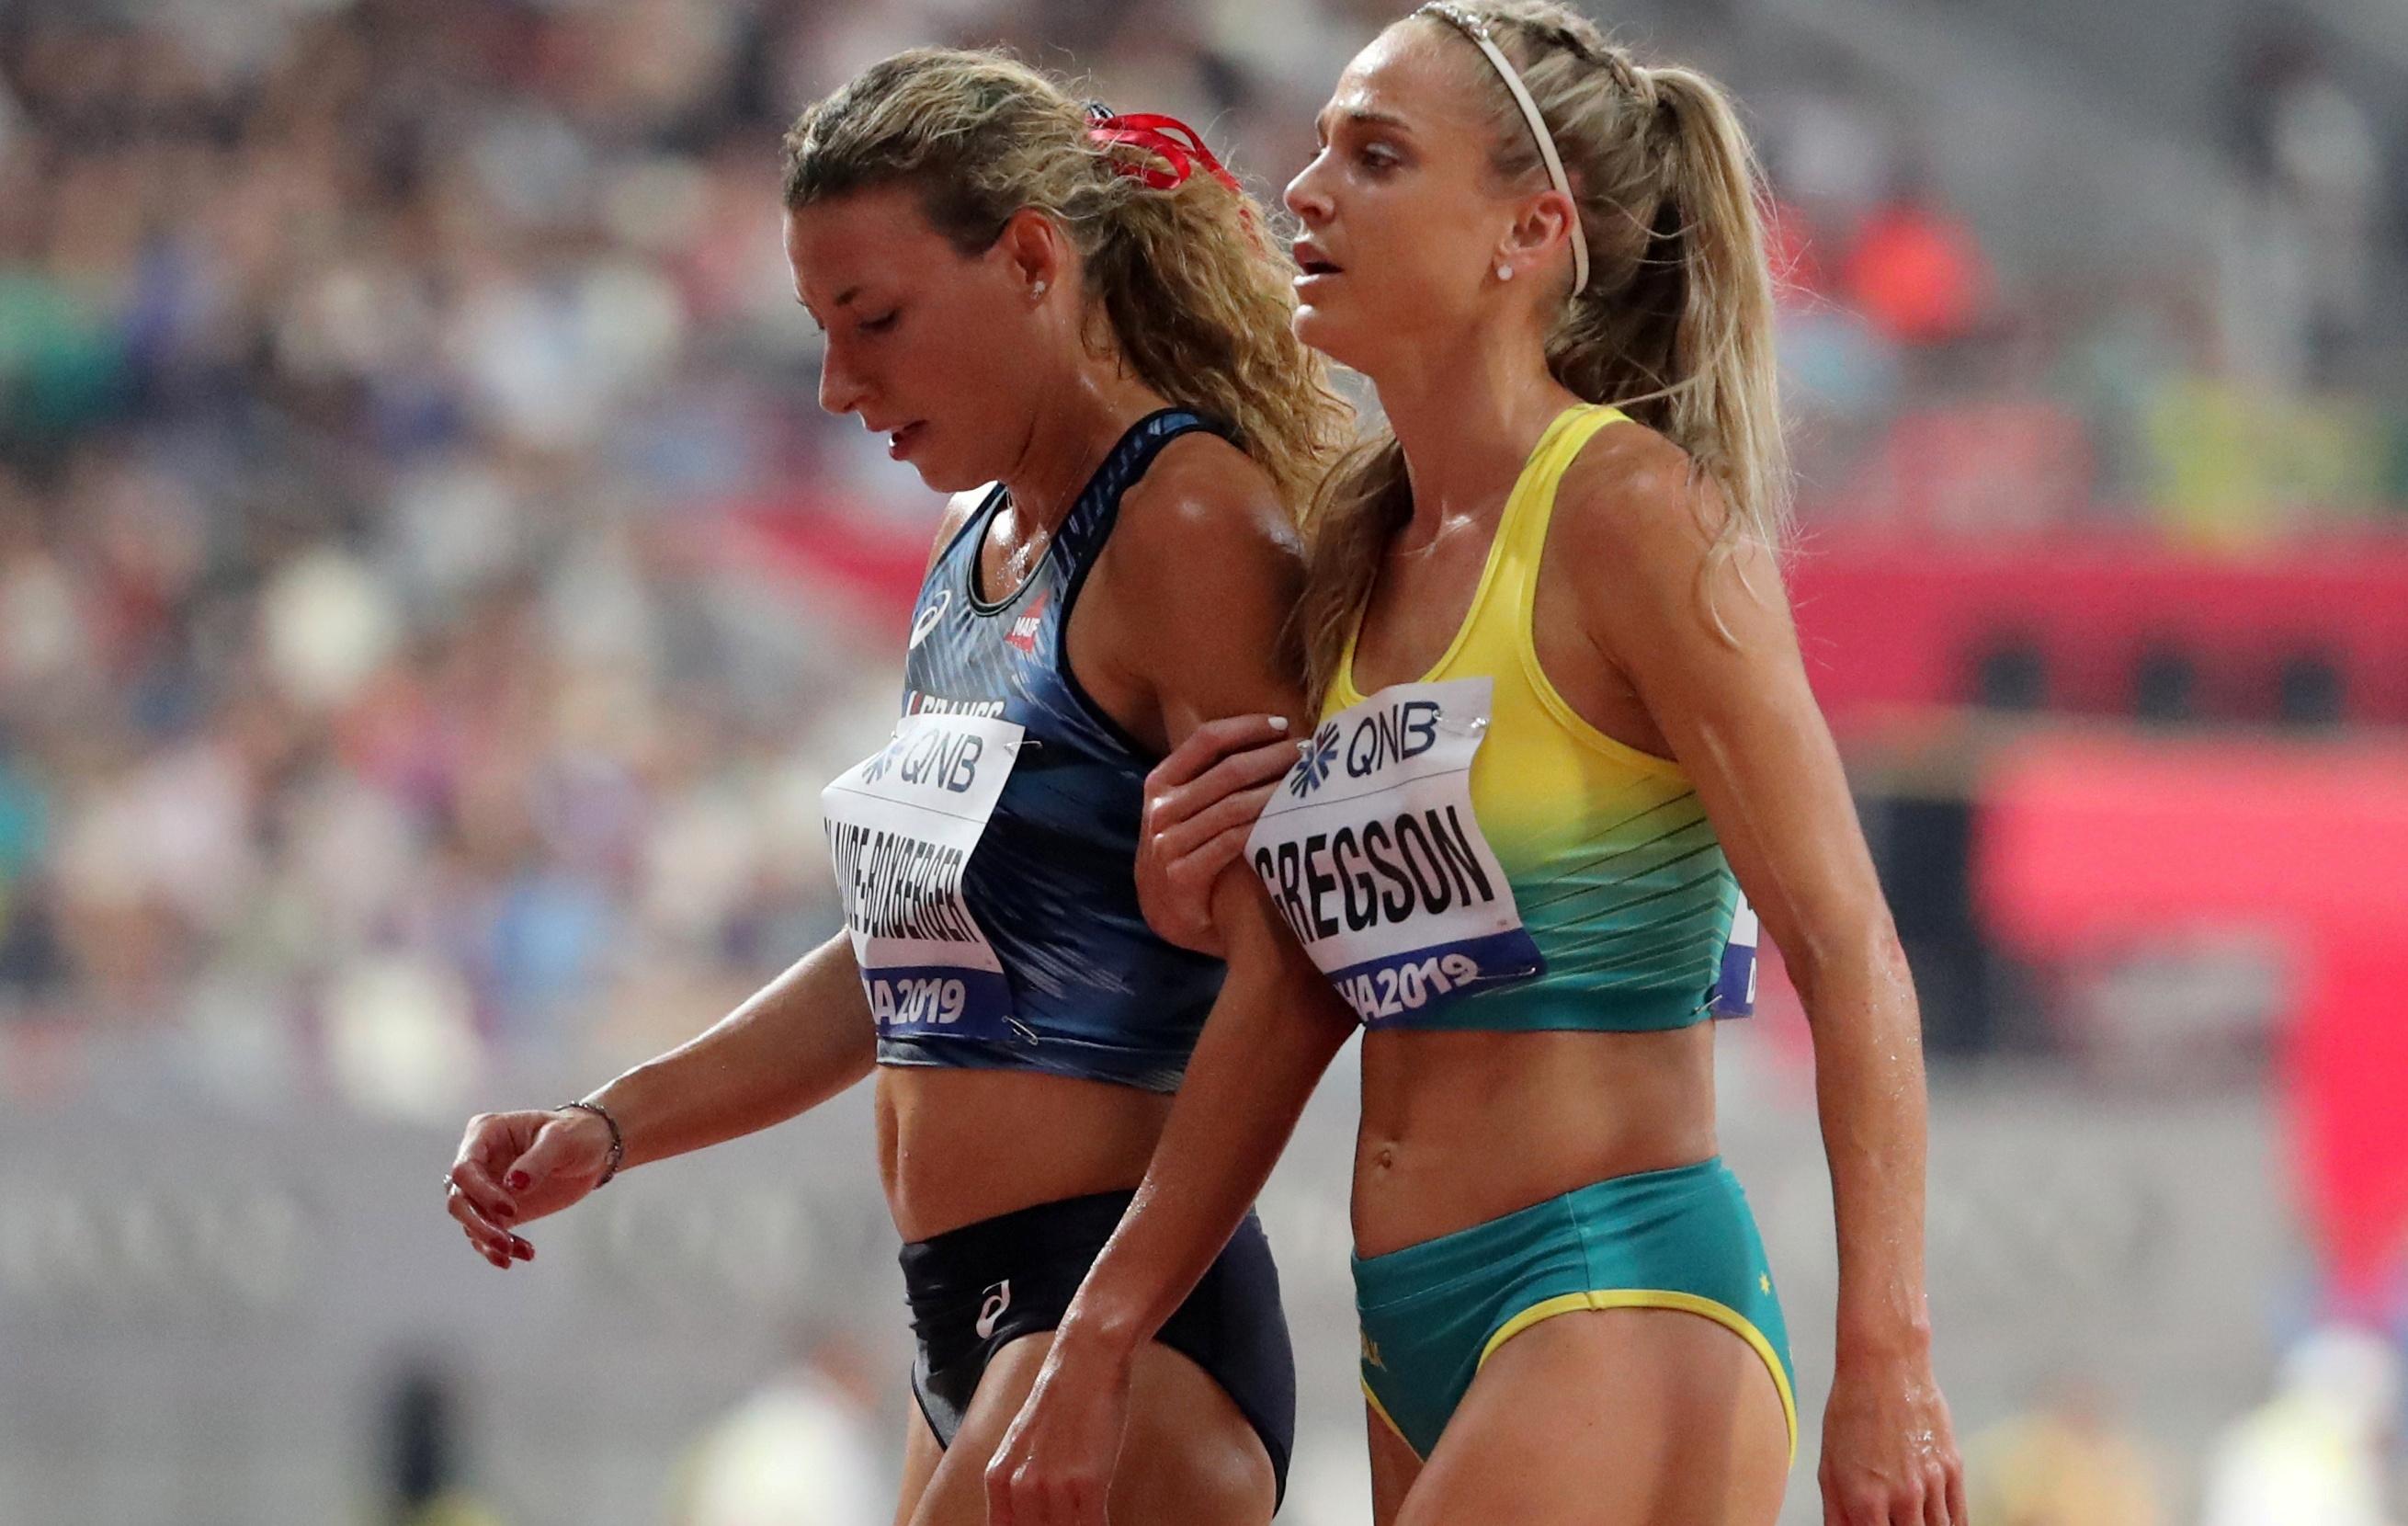 Dopage d'Ophélie Claude-Boxberger : les explications surprenantes de son beau-père et ex-coach